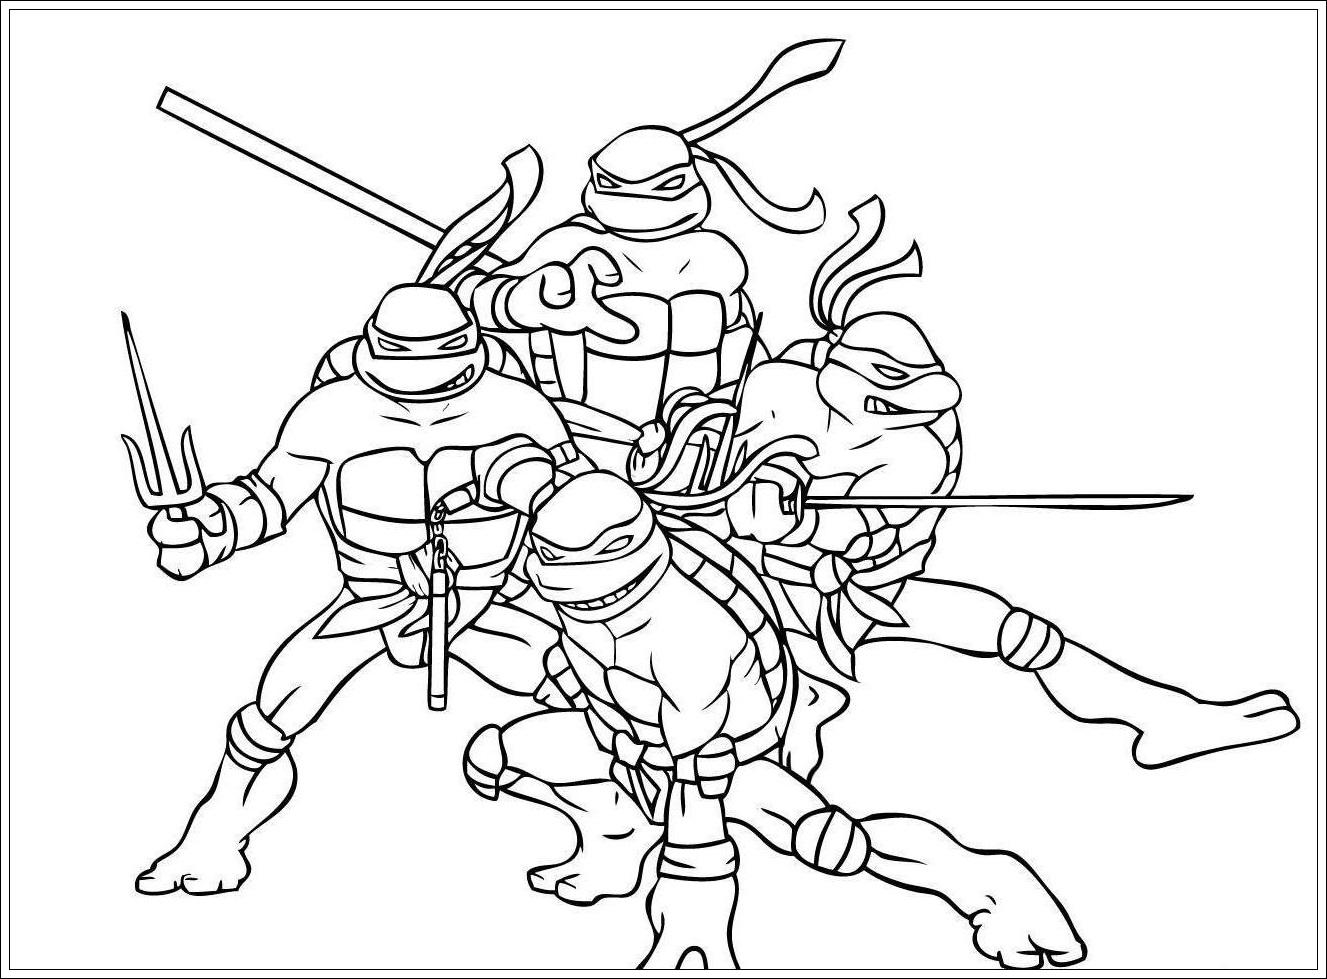 Ausmalbilder Ninja Turtles Zum Drucken Ausmalbilderhq